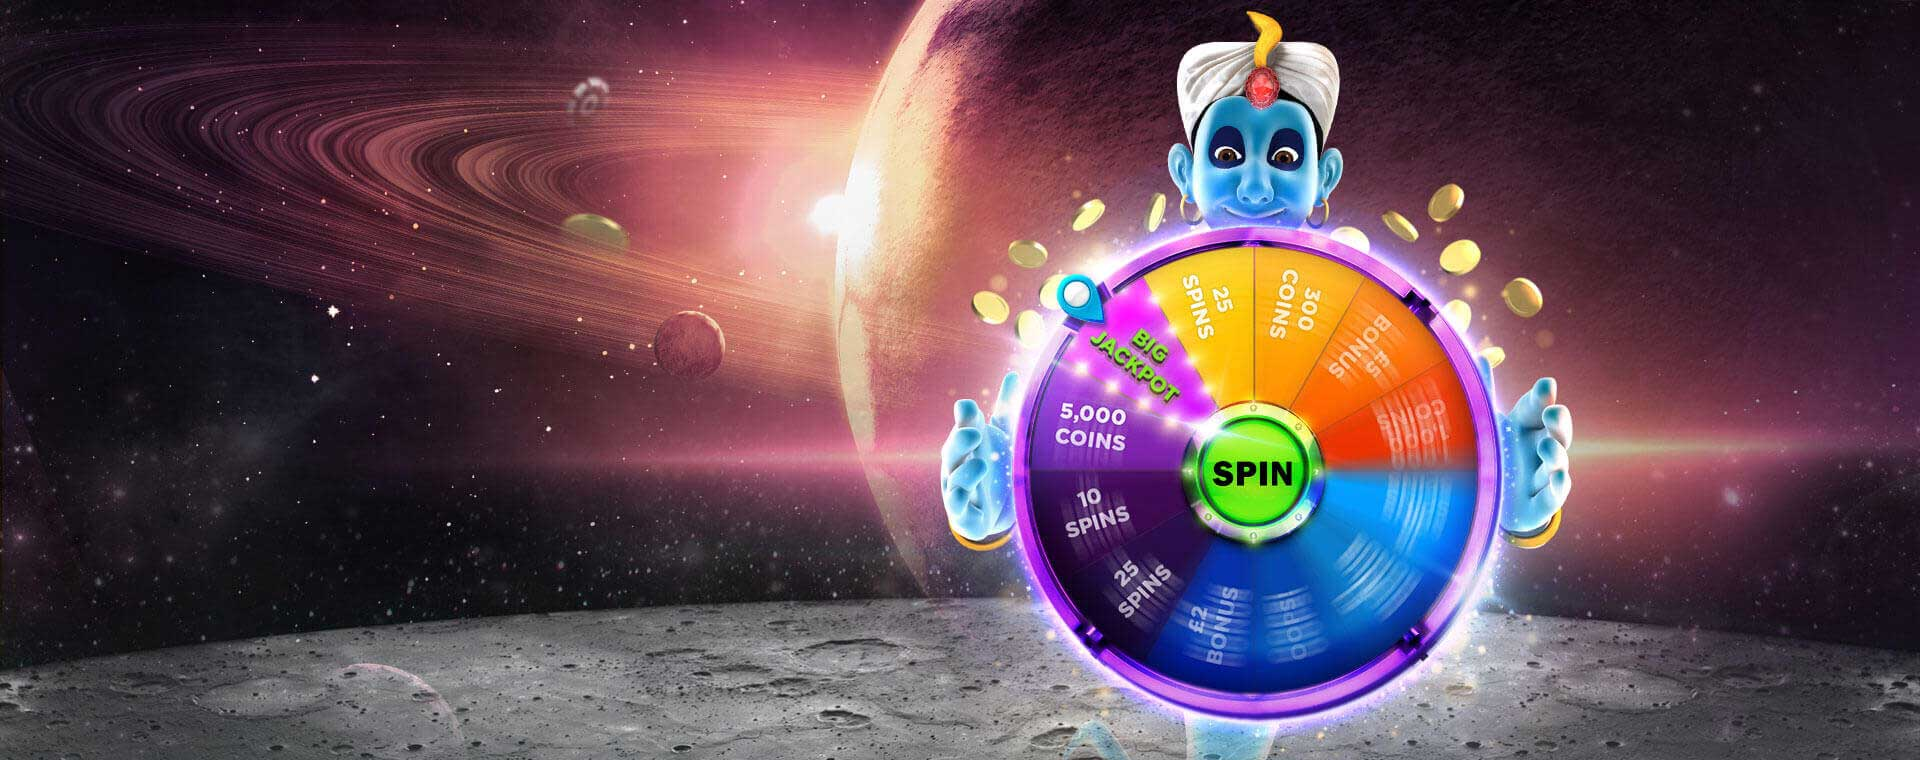 online casino welcome bonus stars games casino